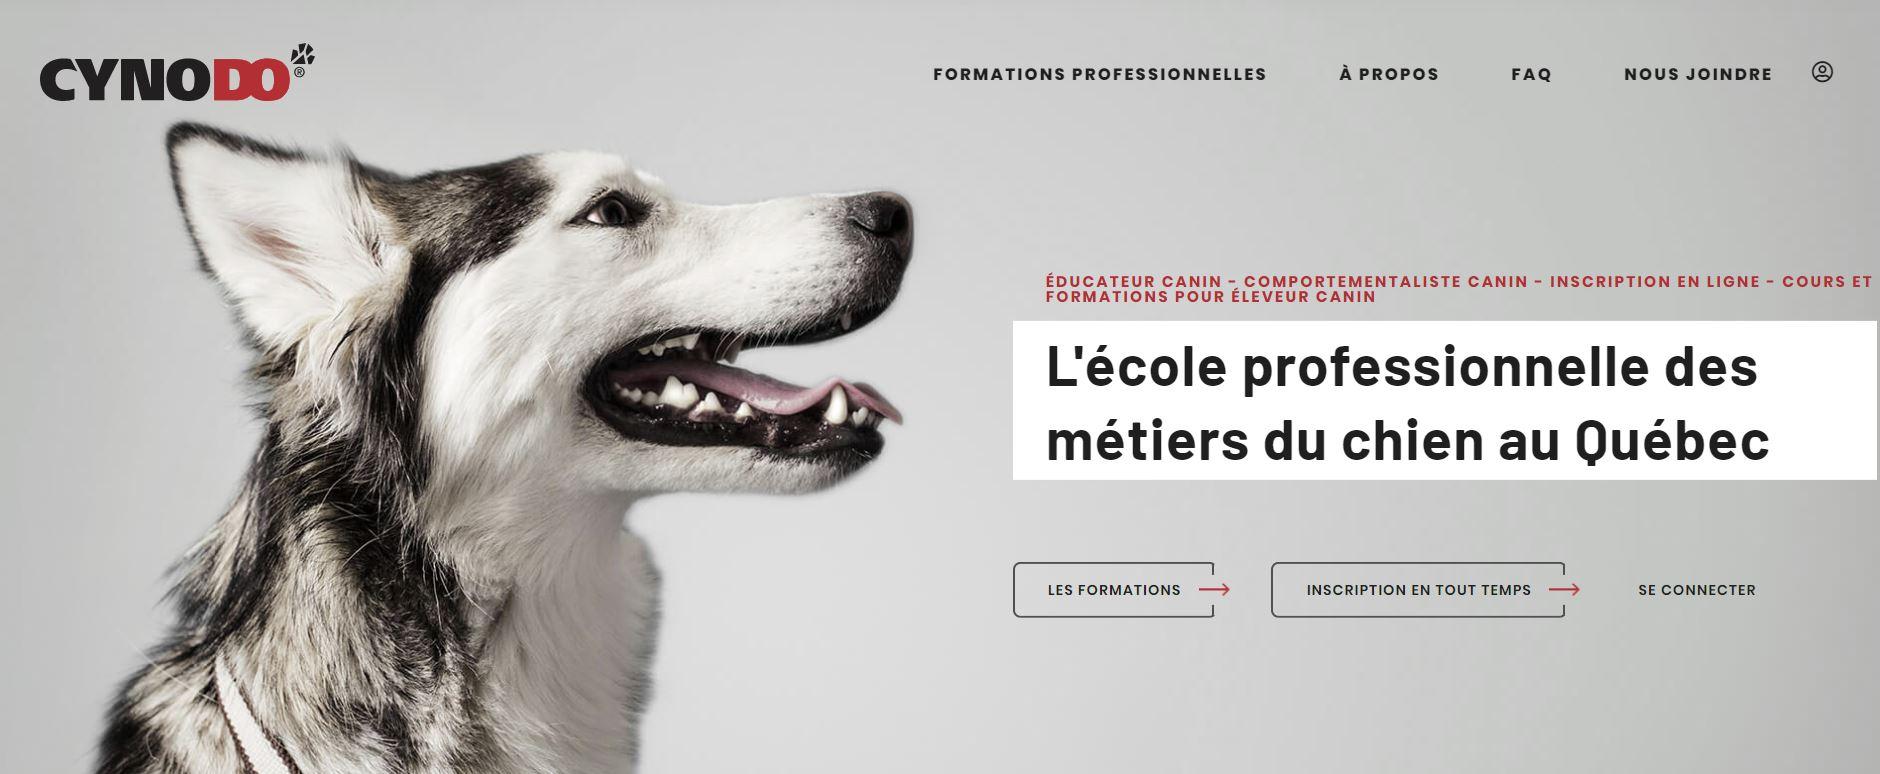 L'école professionnelle des métiers du chien au Québec